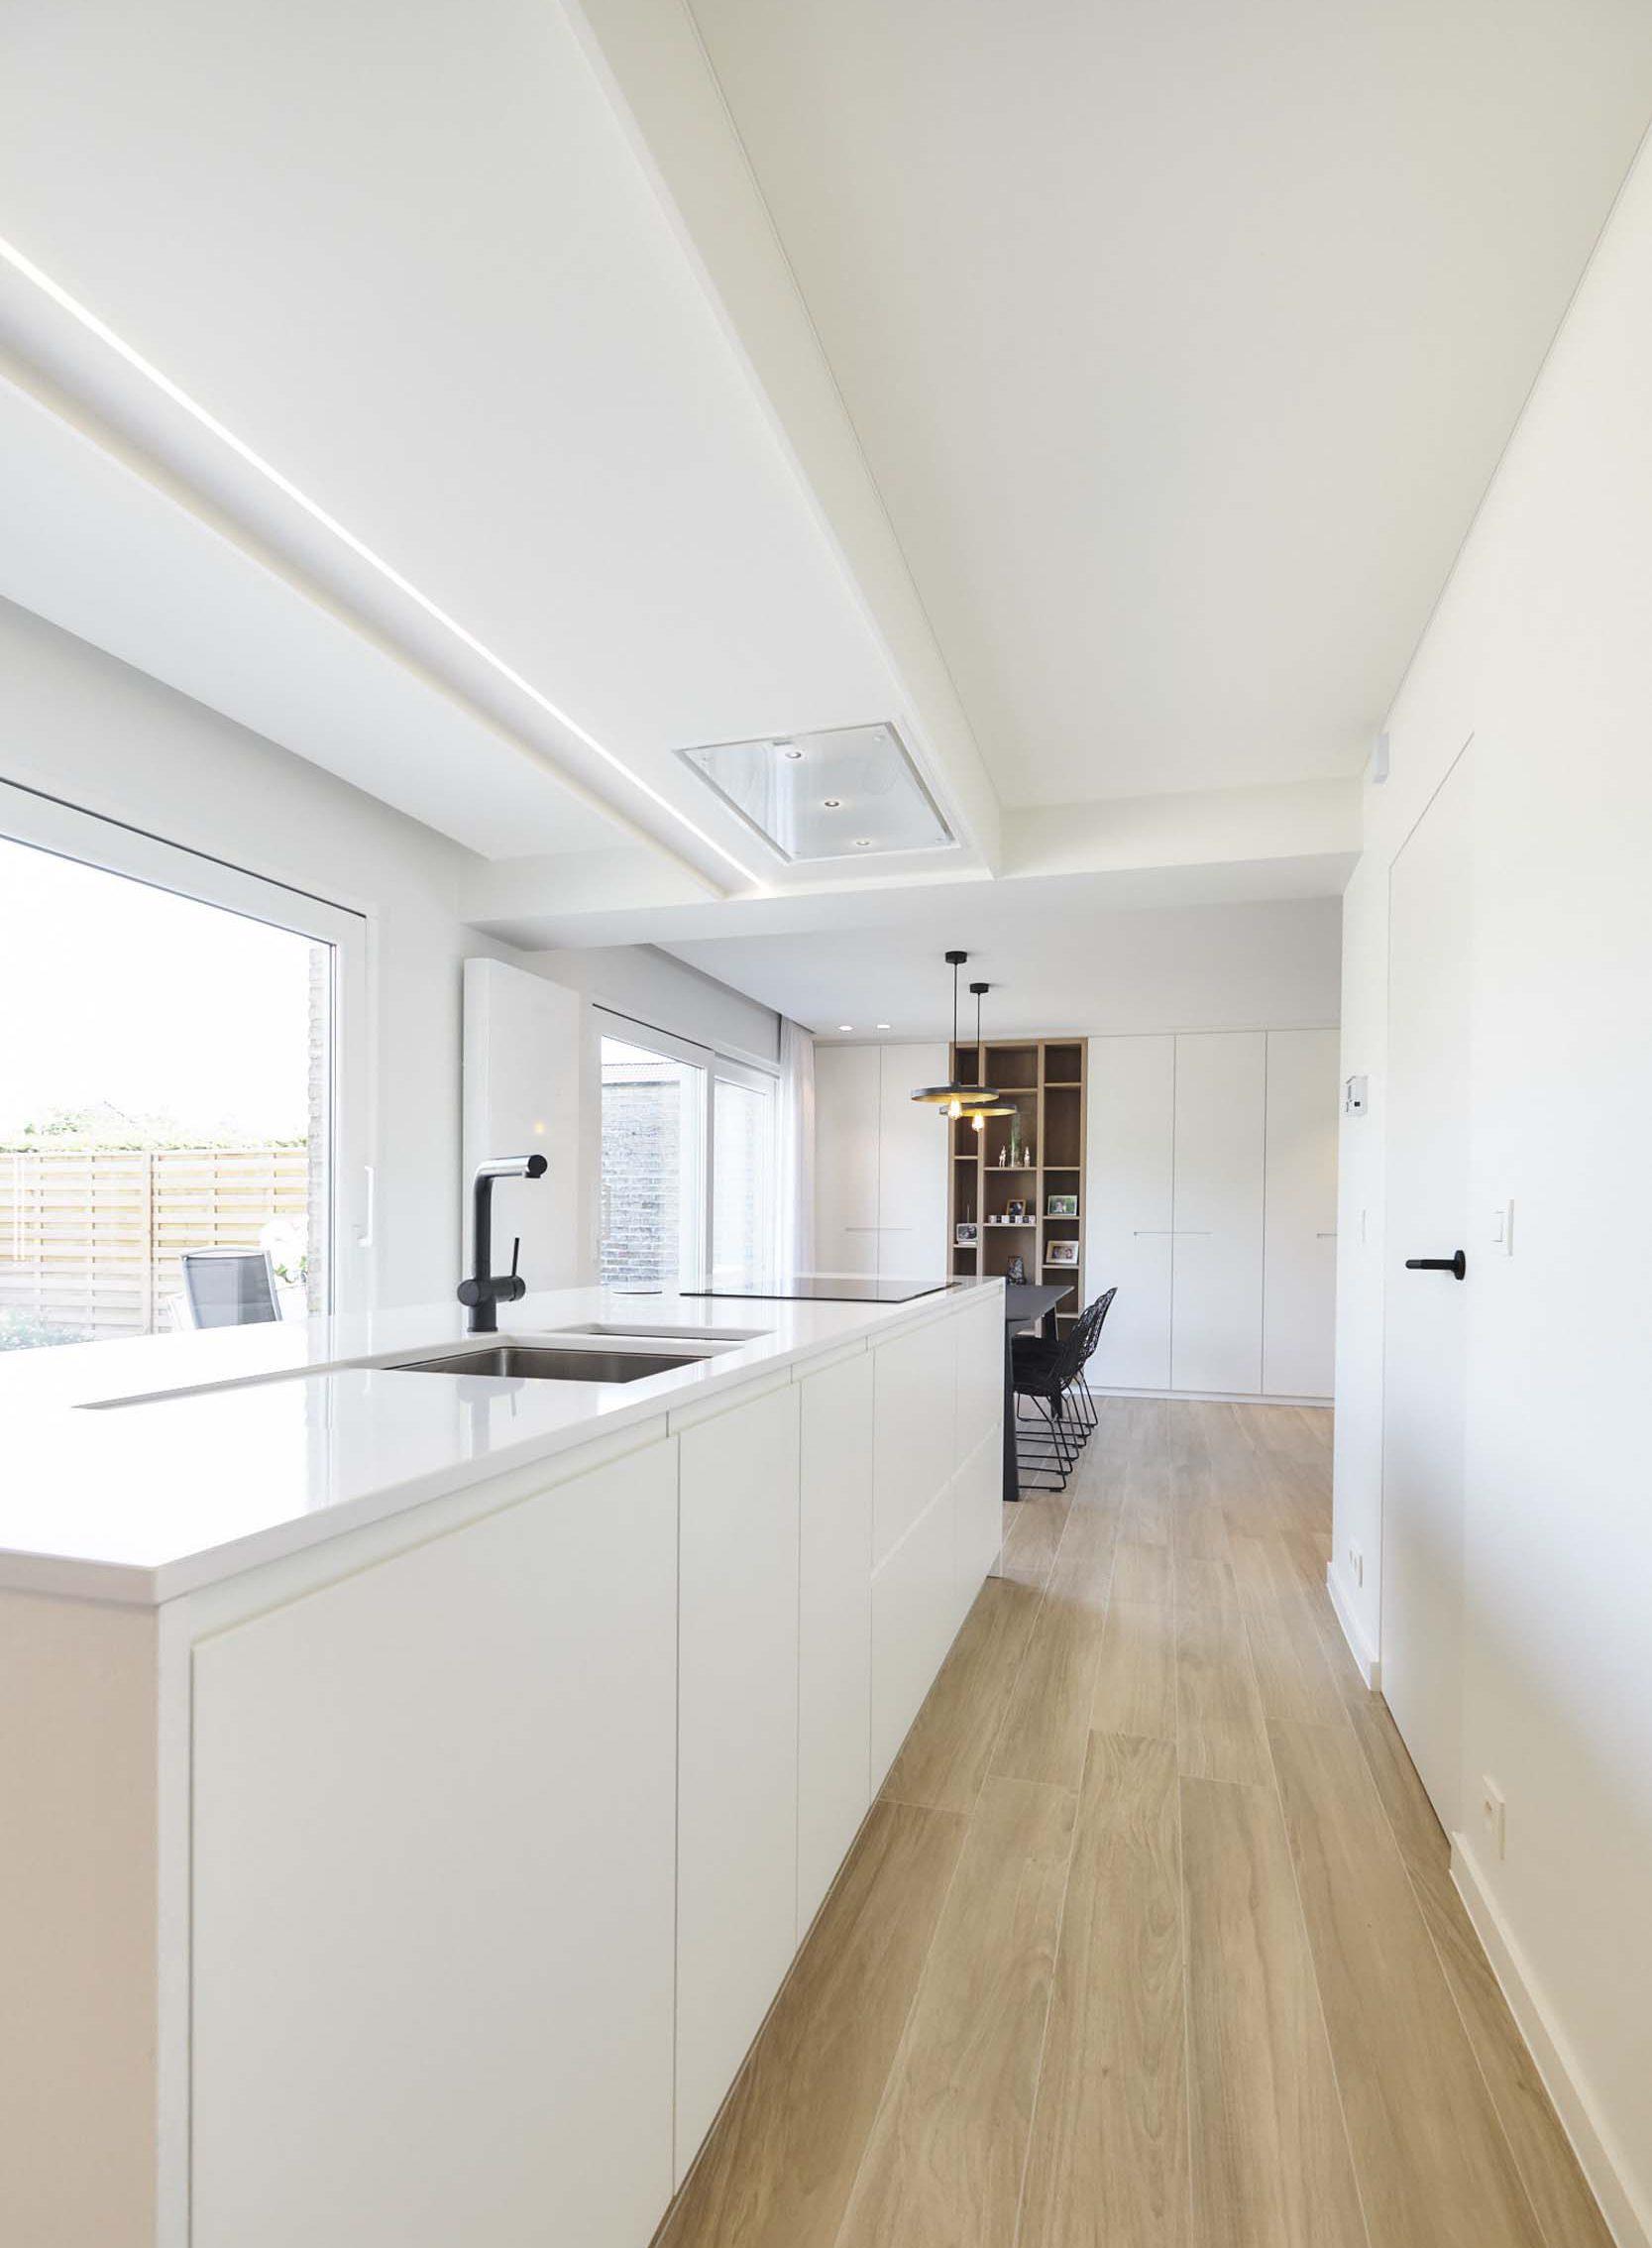 Vanda-projects-interieurinrichting-meubelmakerij-oost-vlaanderen-verfaillie-anne-houtenvloer